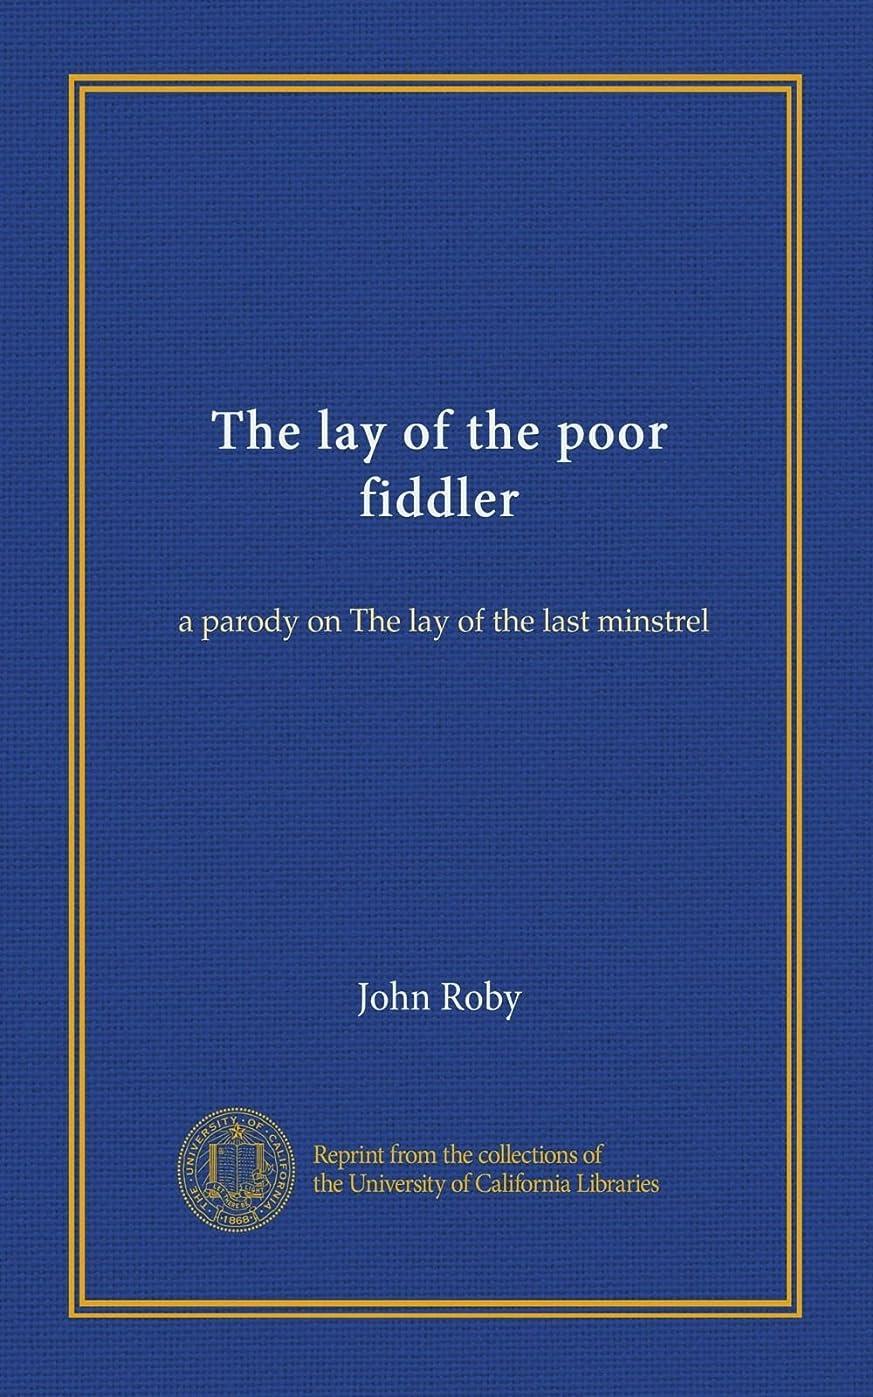 ループハッピー生き残りThe lay of the poor fiddler: a parody on The lay of the last minstrel